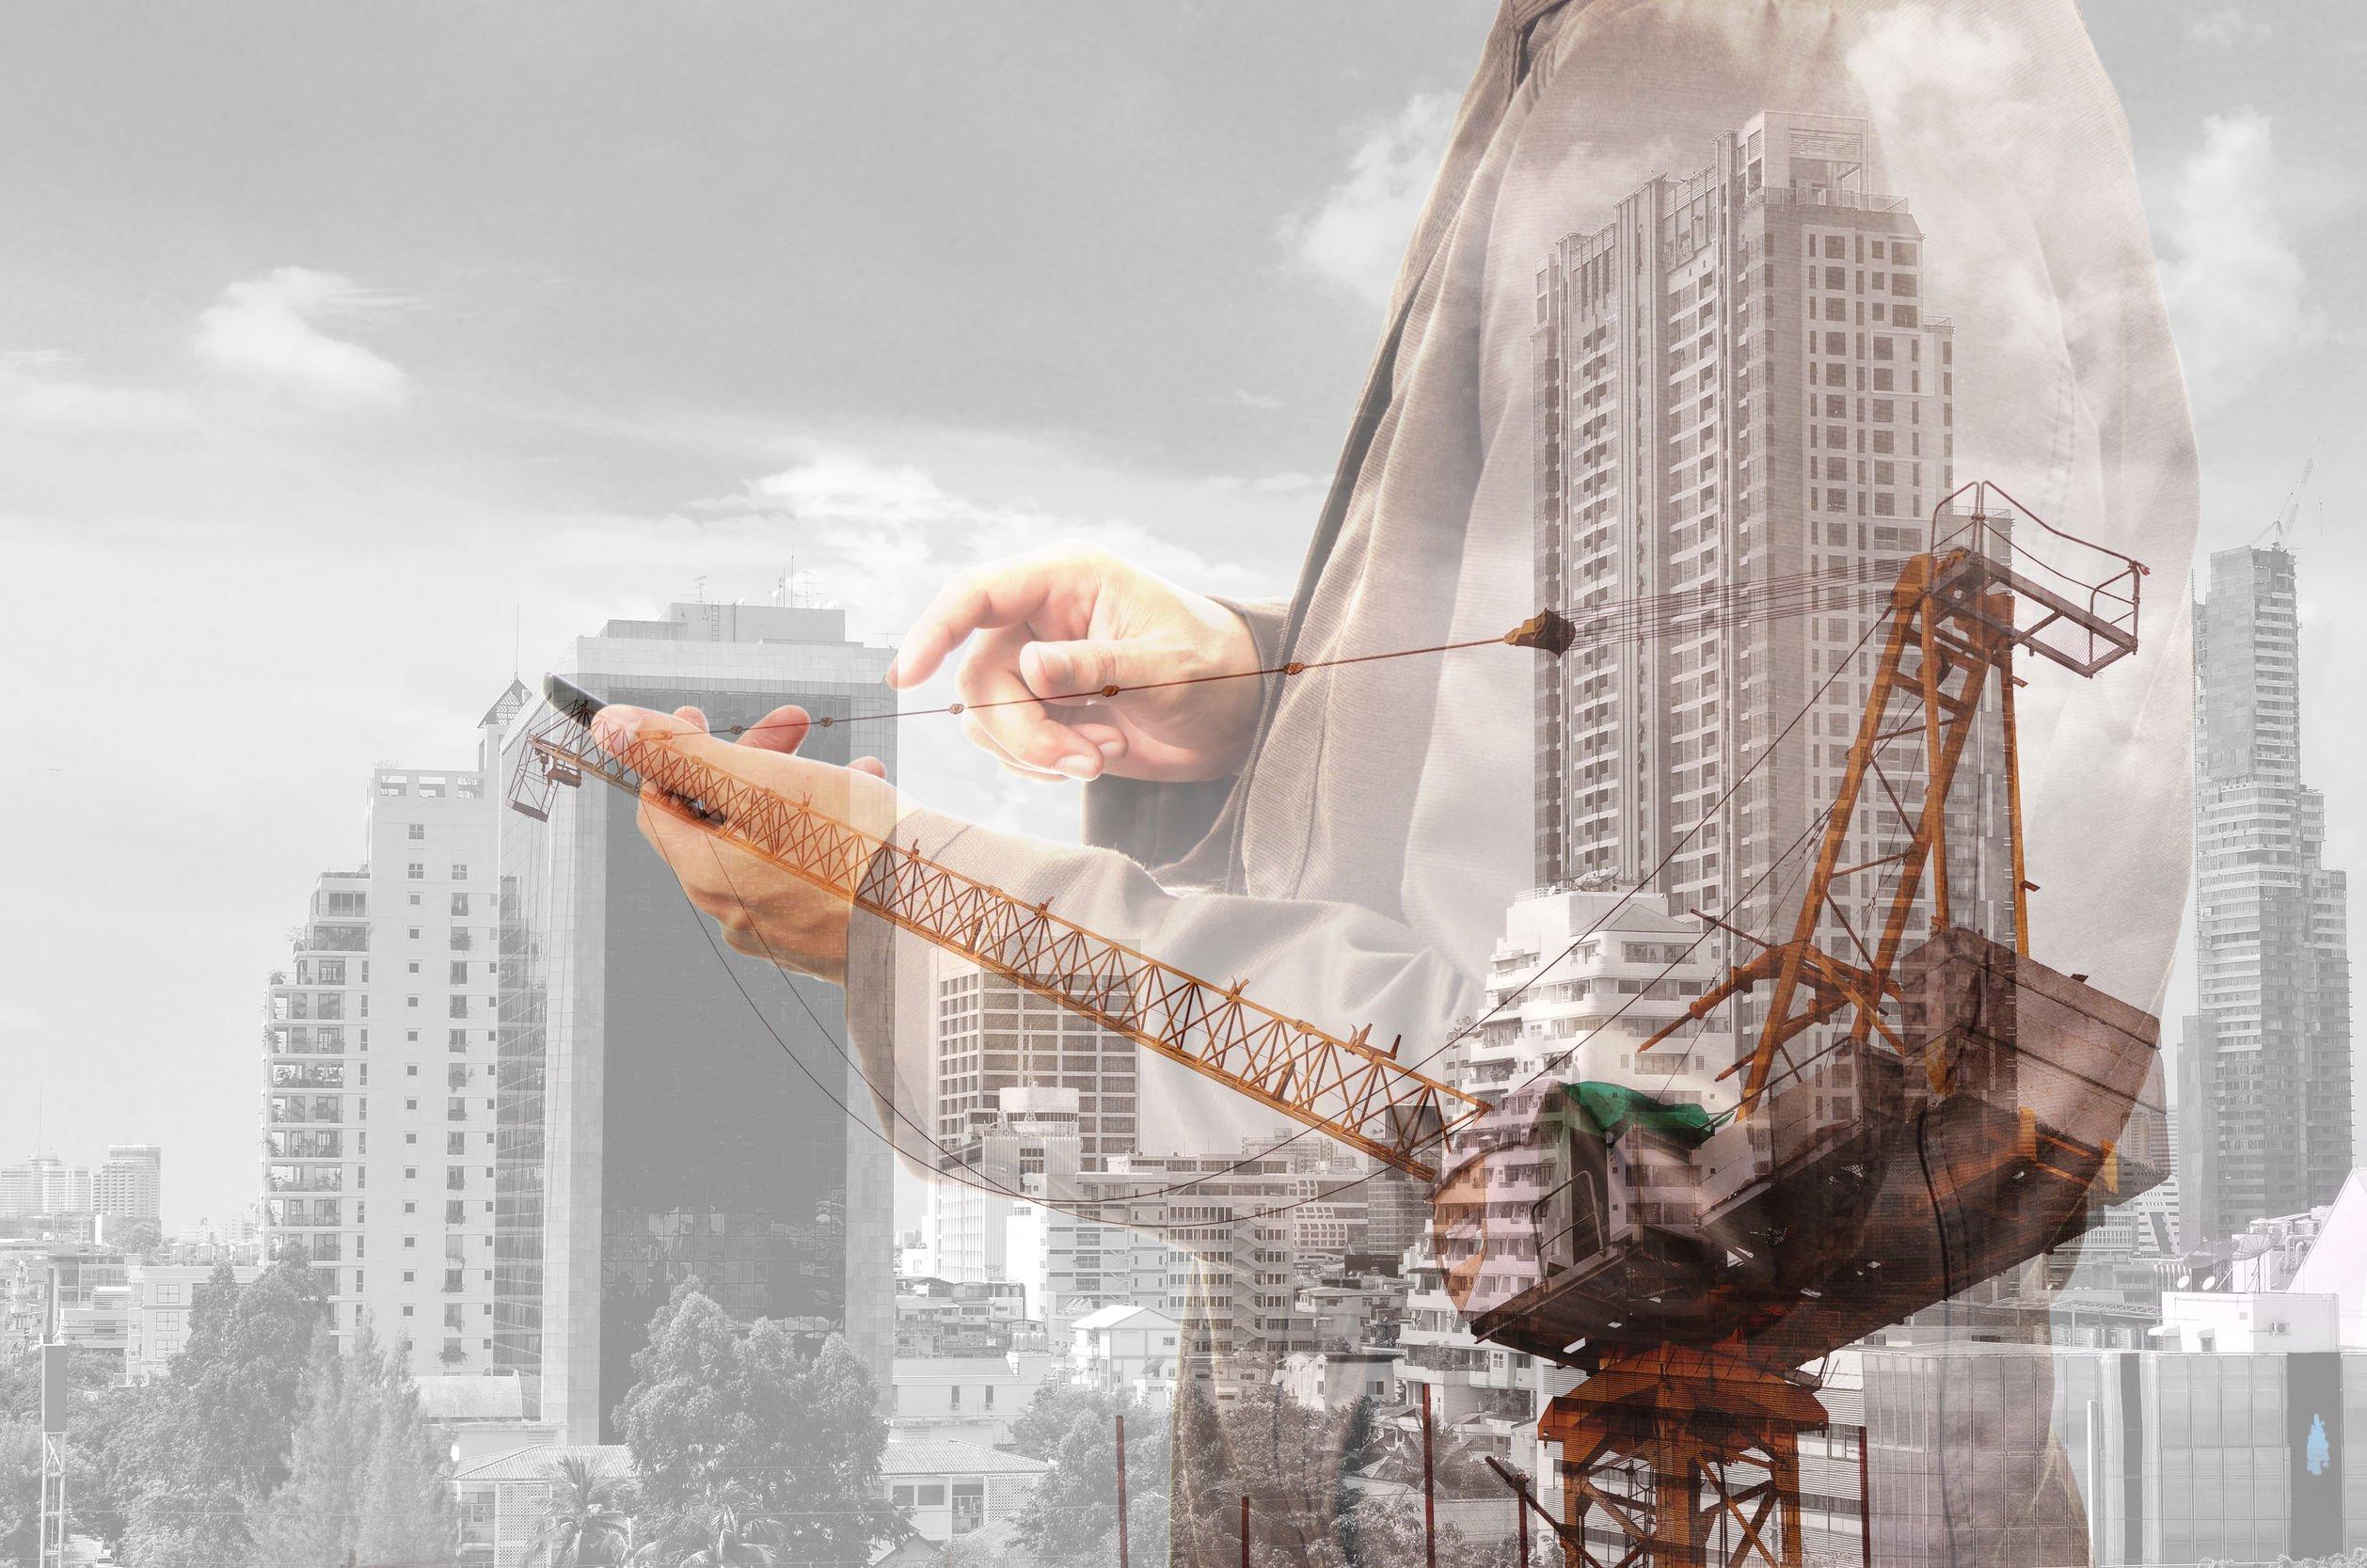 infrastruktur, dana pensiun, asuransi, asuransi jiwa, proyek infrastruktur, proyek strategis nasional, pembiayaan infrastruktur